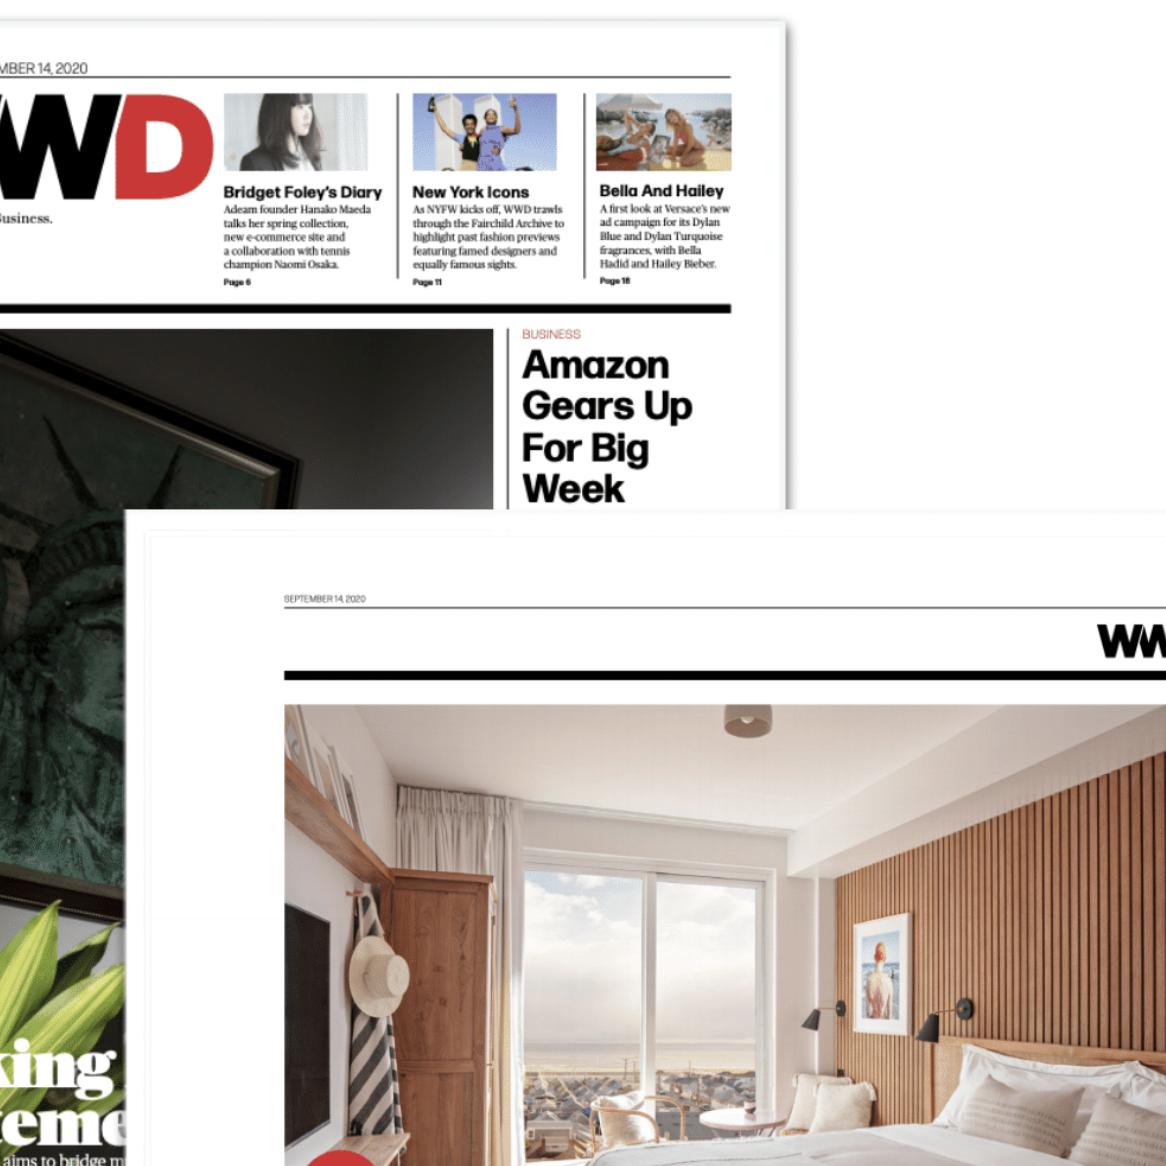 Article about The Rockaway Hotel in WWD by Kristen Tauer